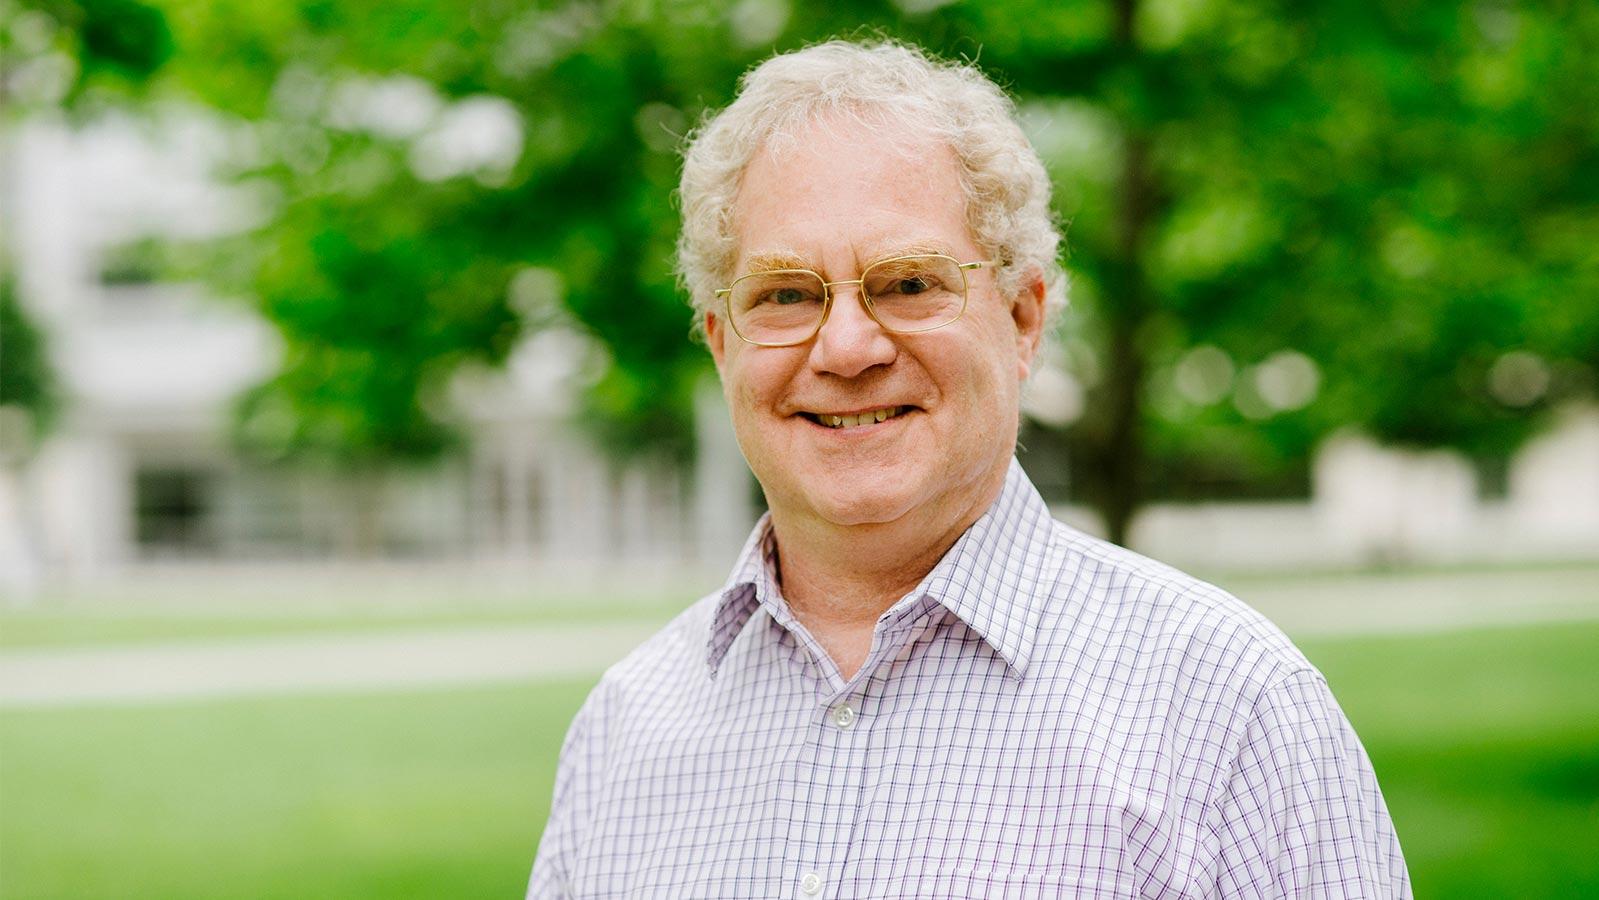 Alan D. Grossman